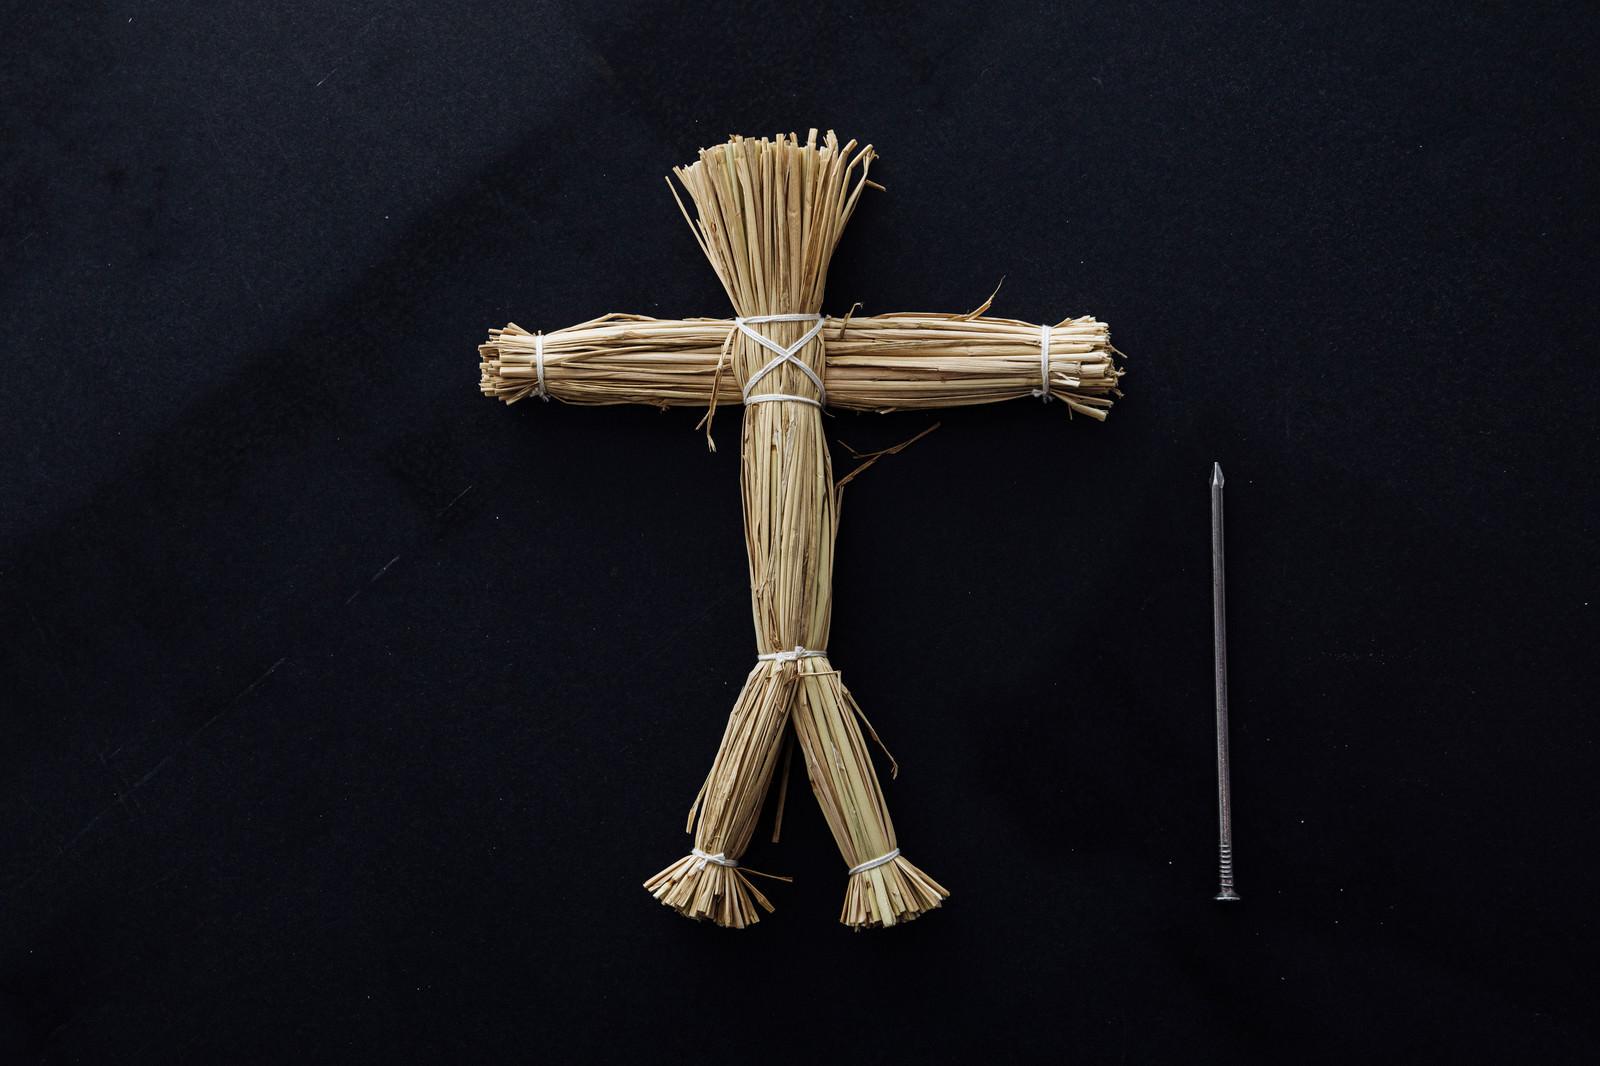 「五寸釘と藁の人形」の写真